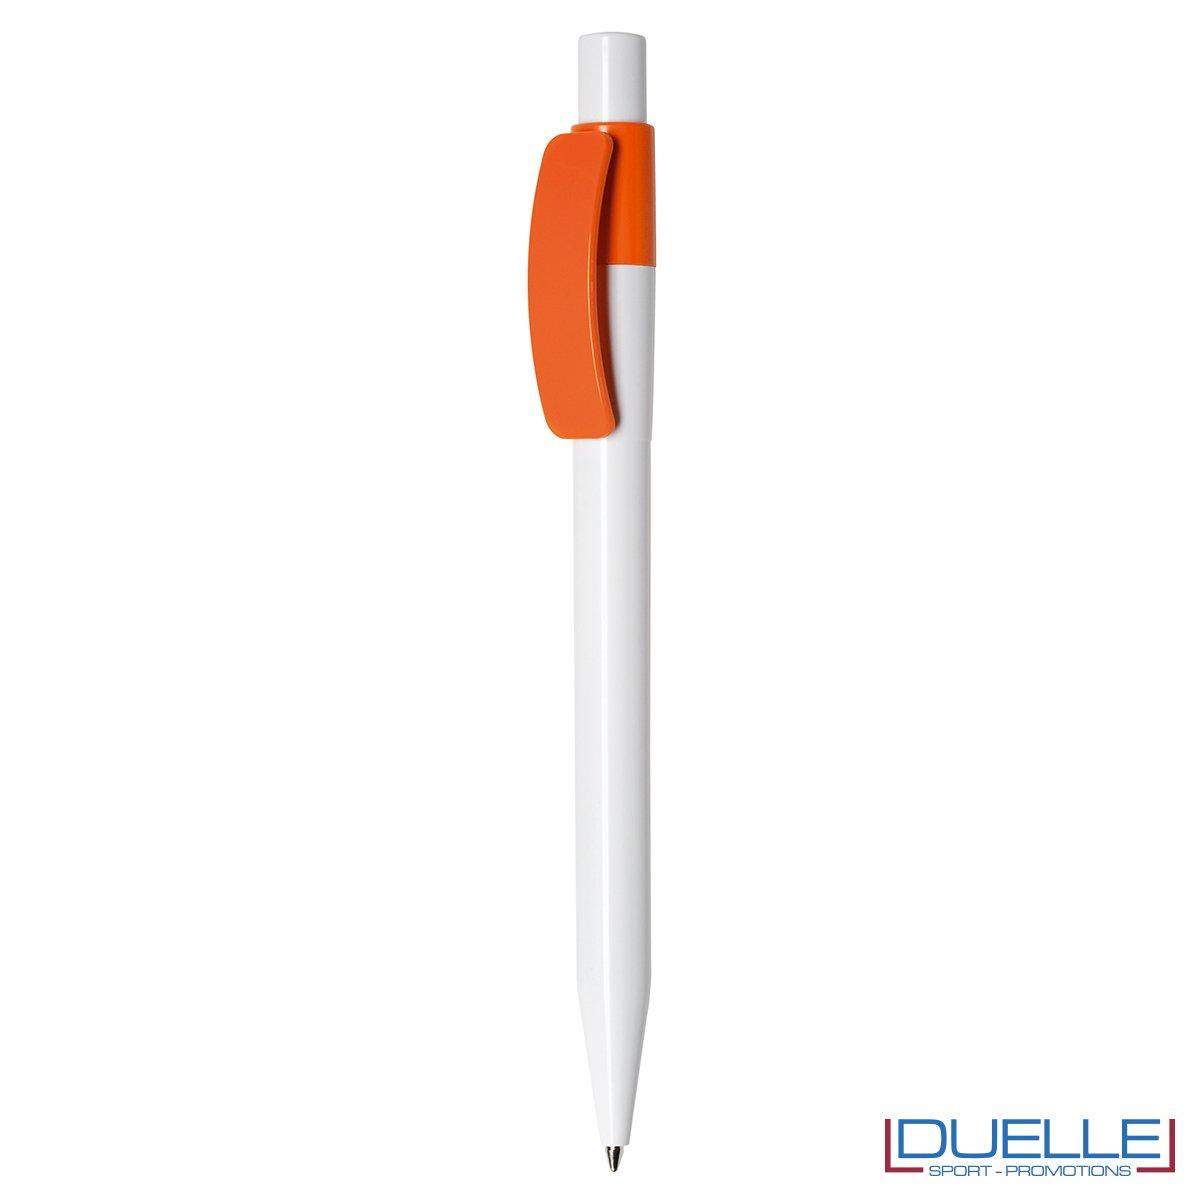 Penna Made in Italy personalizzata Arancione, gadget aziendali, penne personalizzate, gadget personalizzati, articoli promozionali